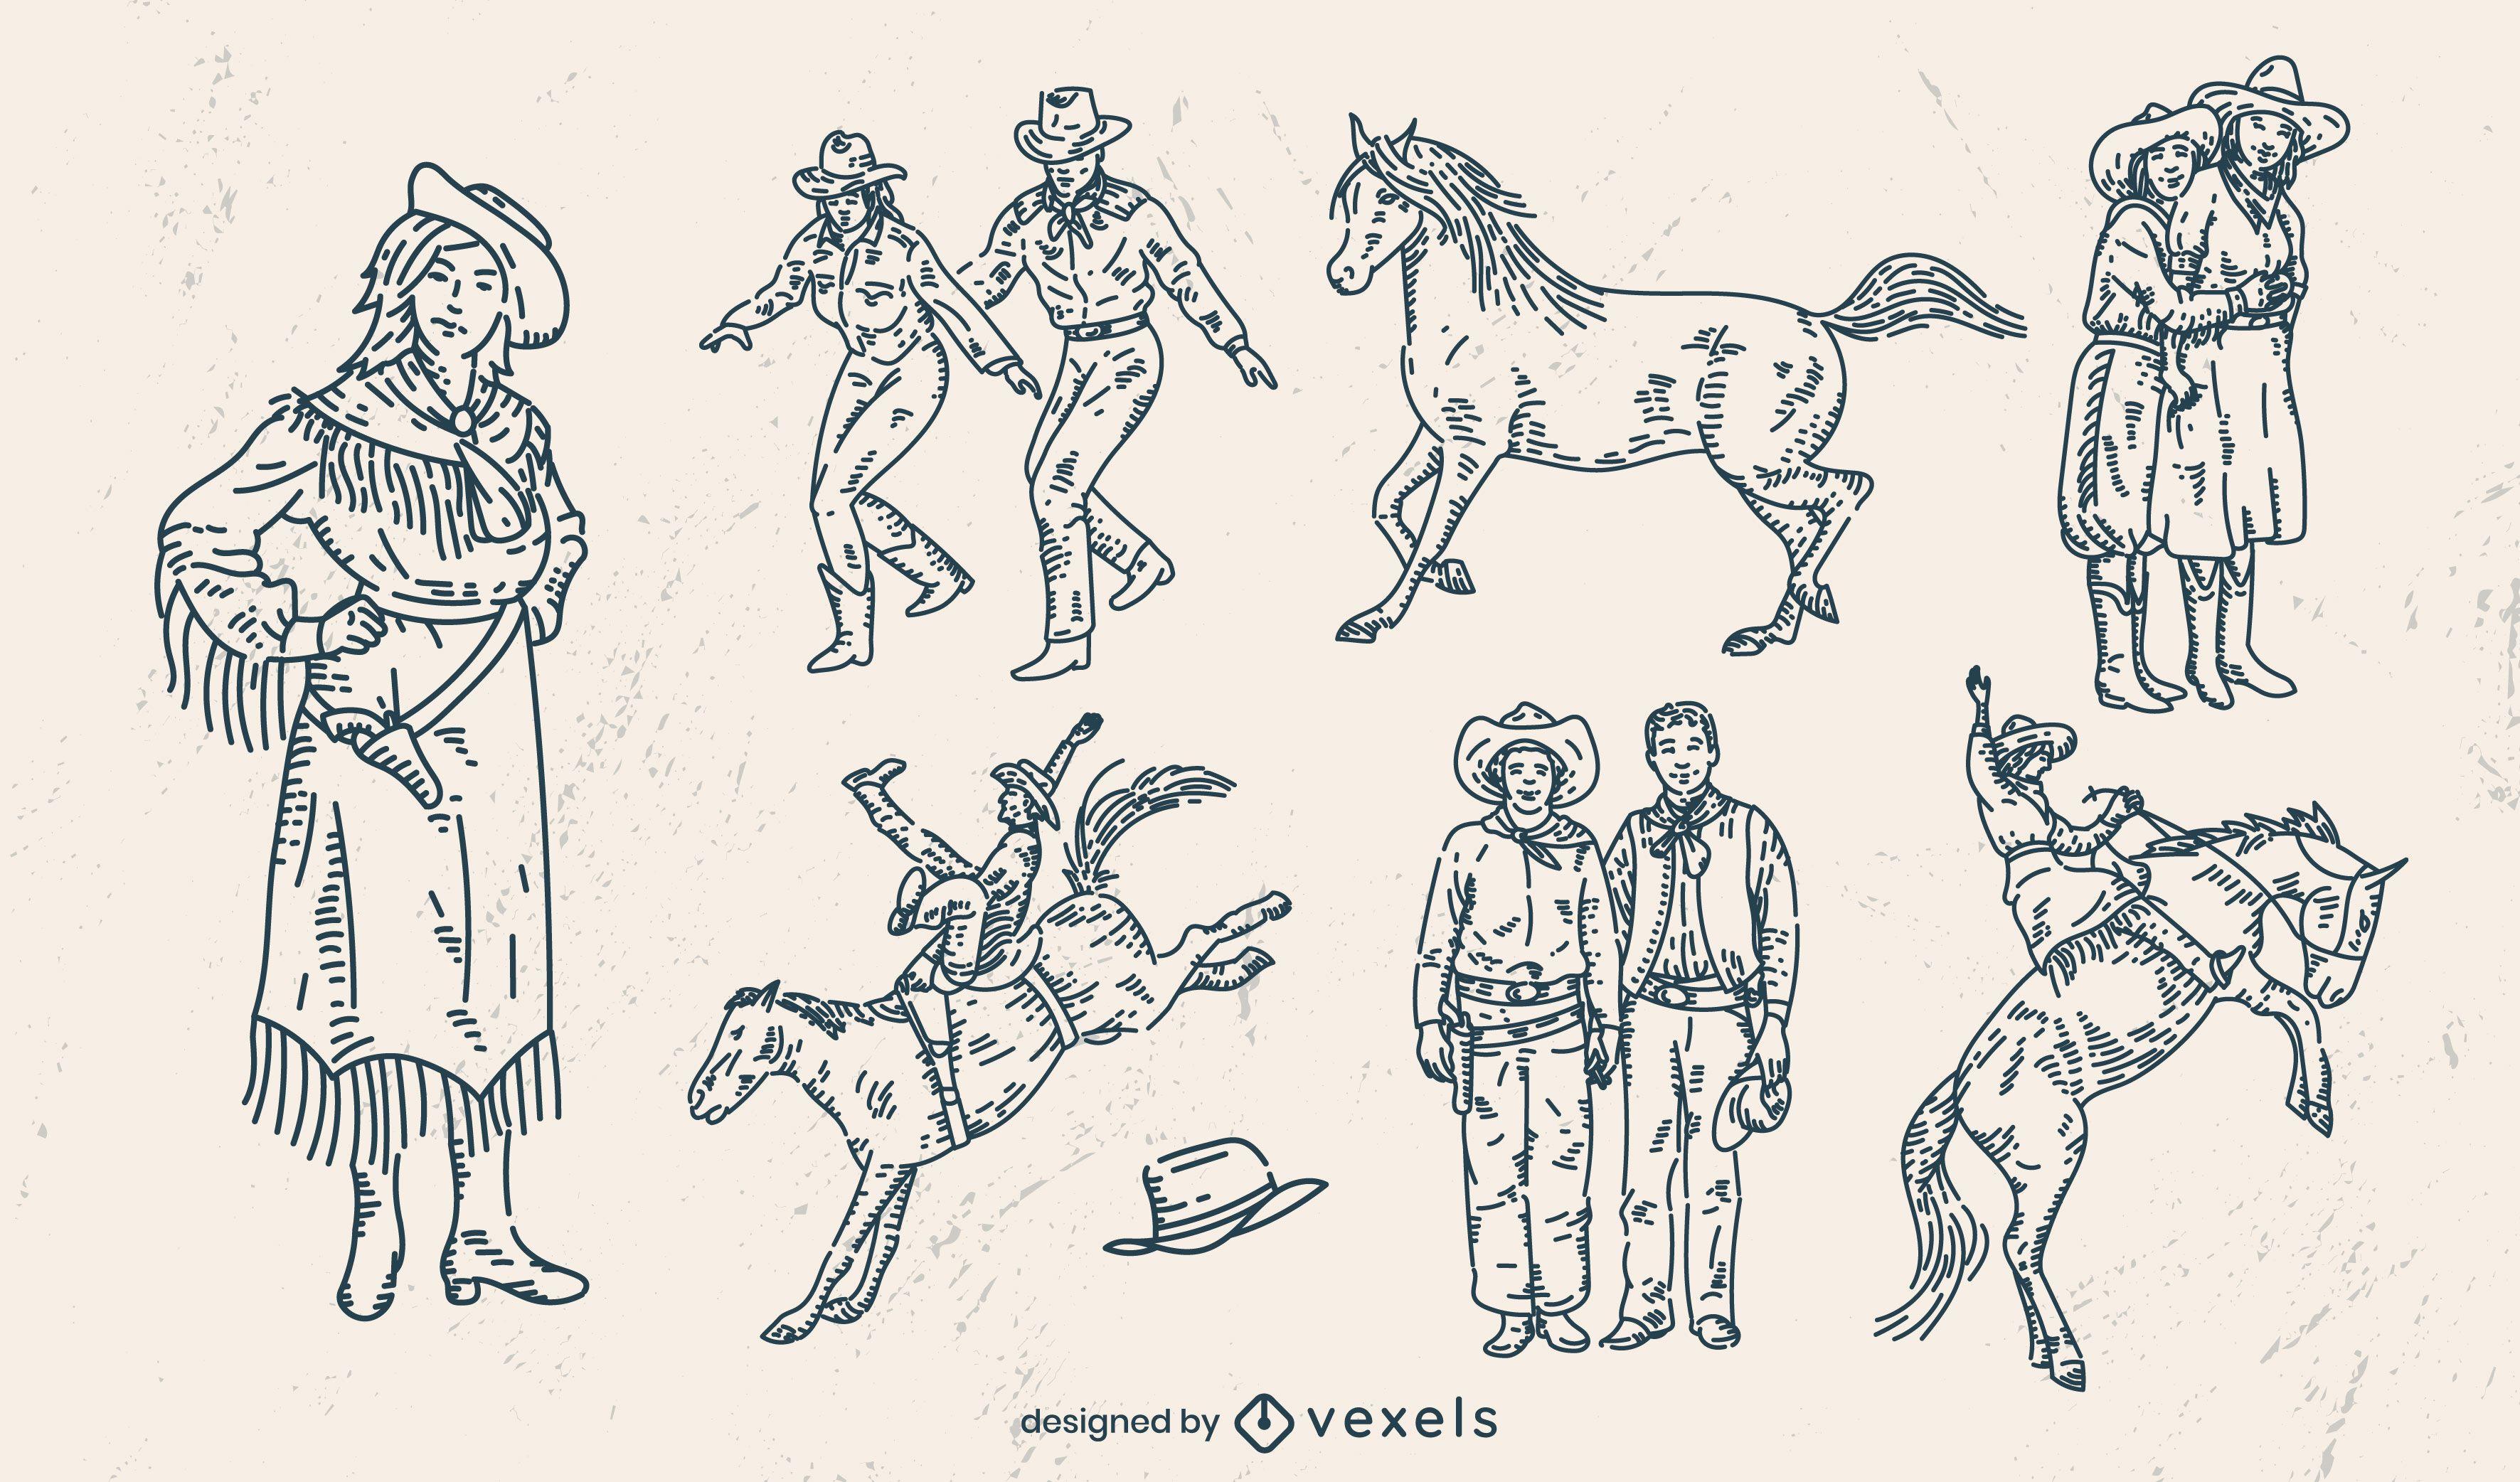 Conjunto de personajes de vaqueros rancheros.